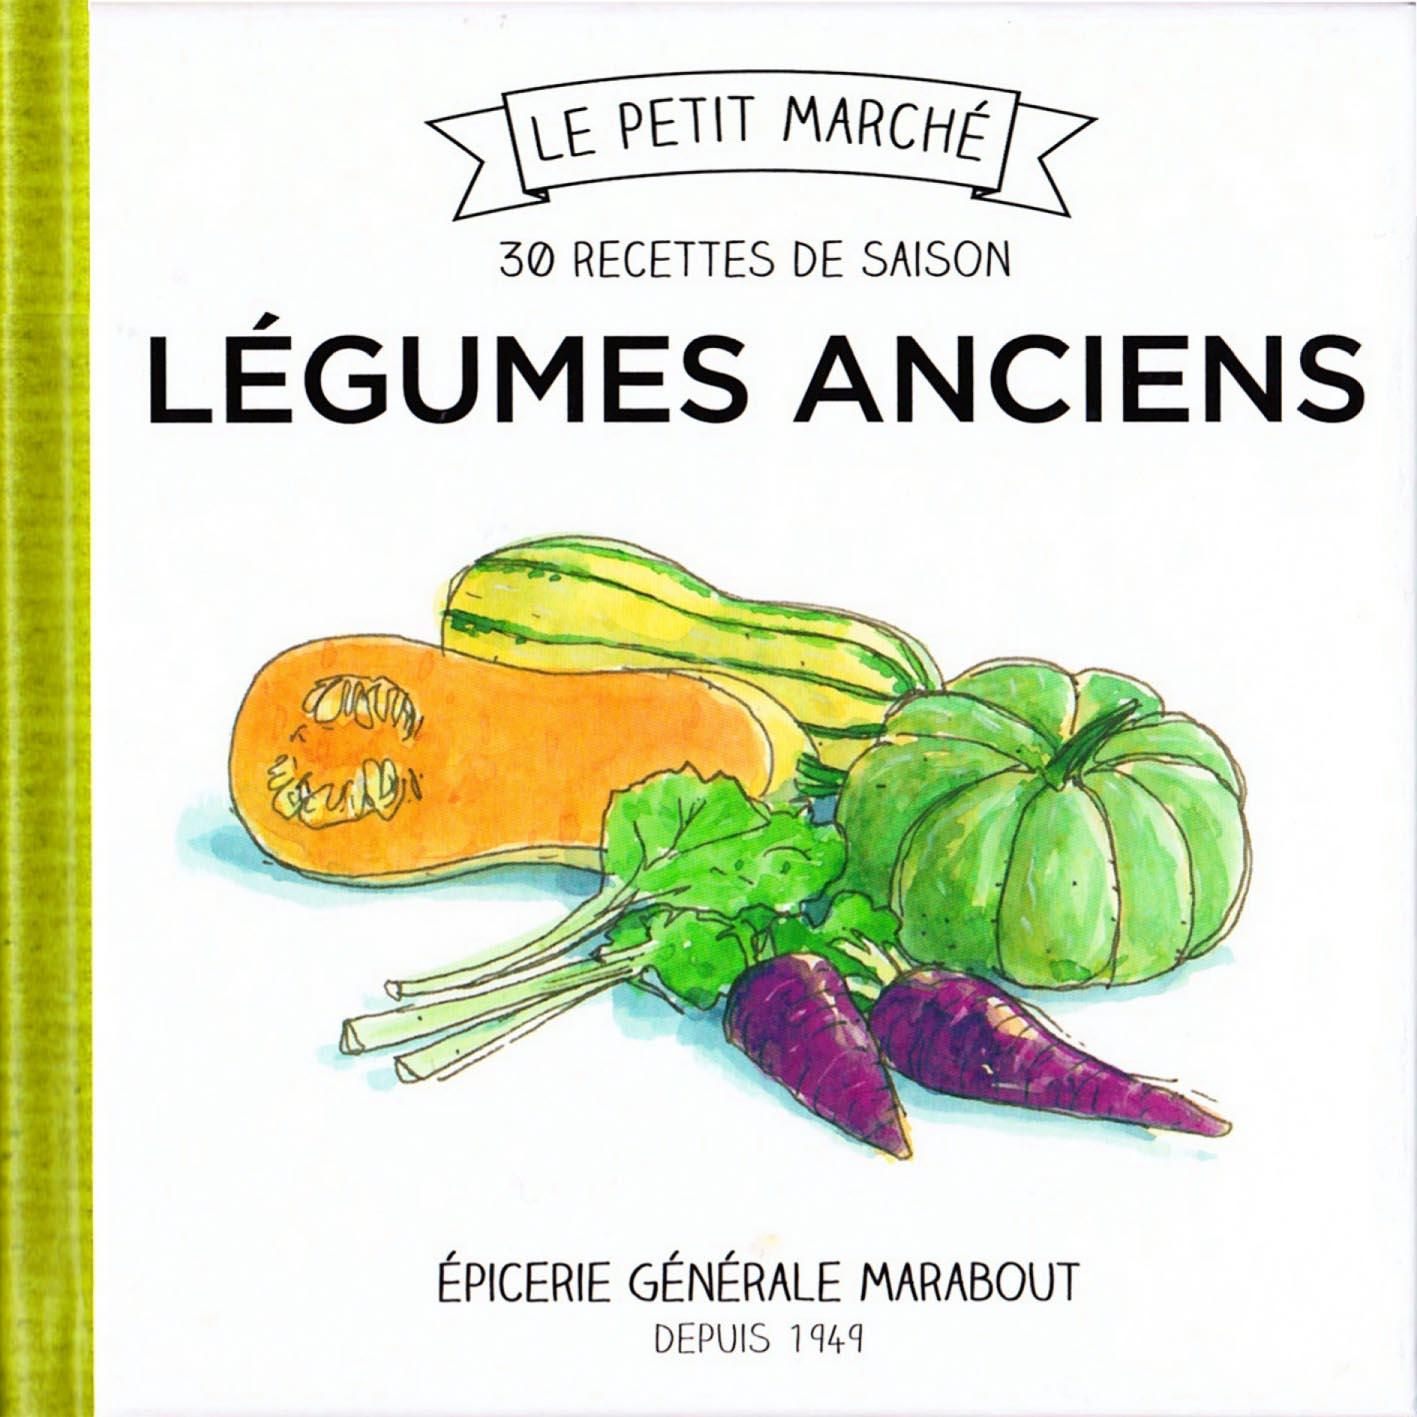 télécharger 30 recettes de saison Légumes anciens